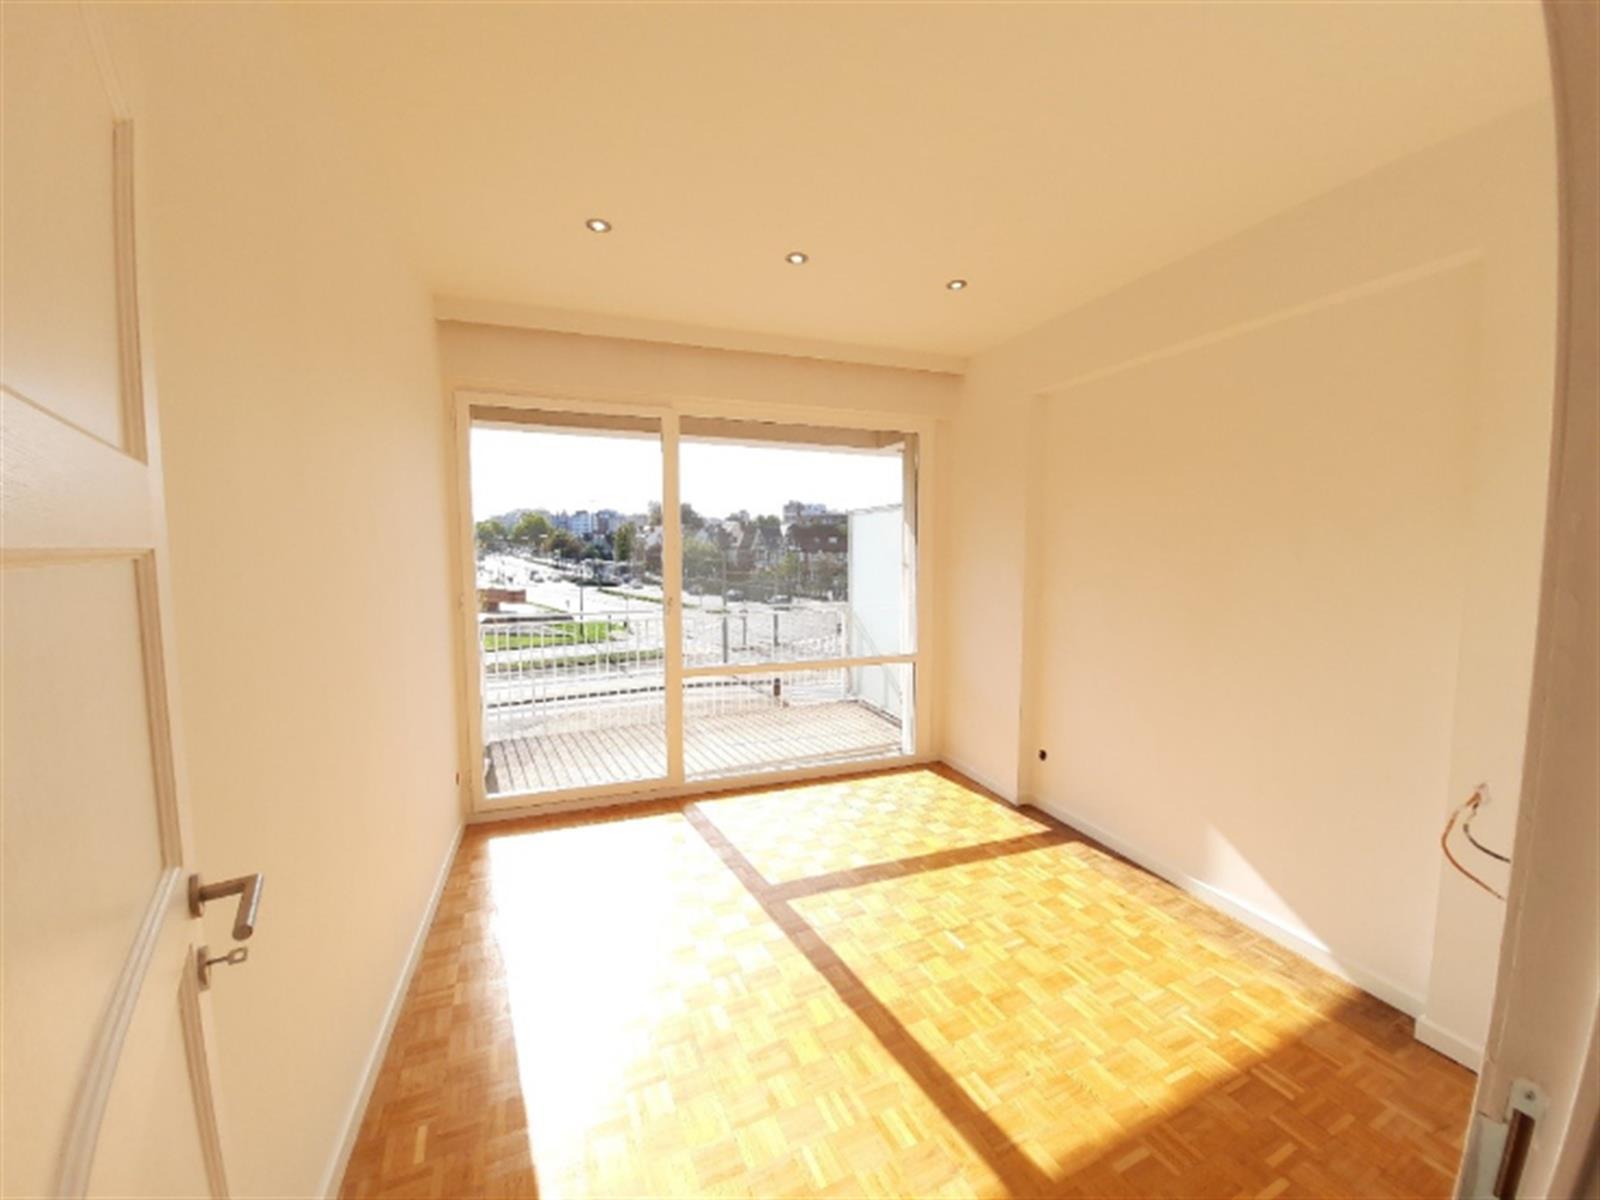 Appartement - Schaerbeek - #4196437-4